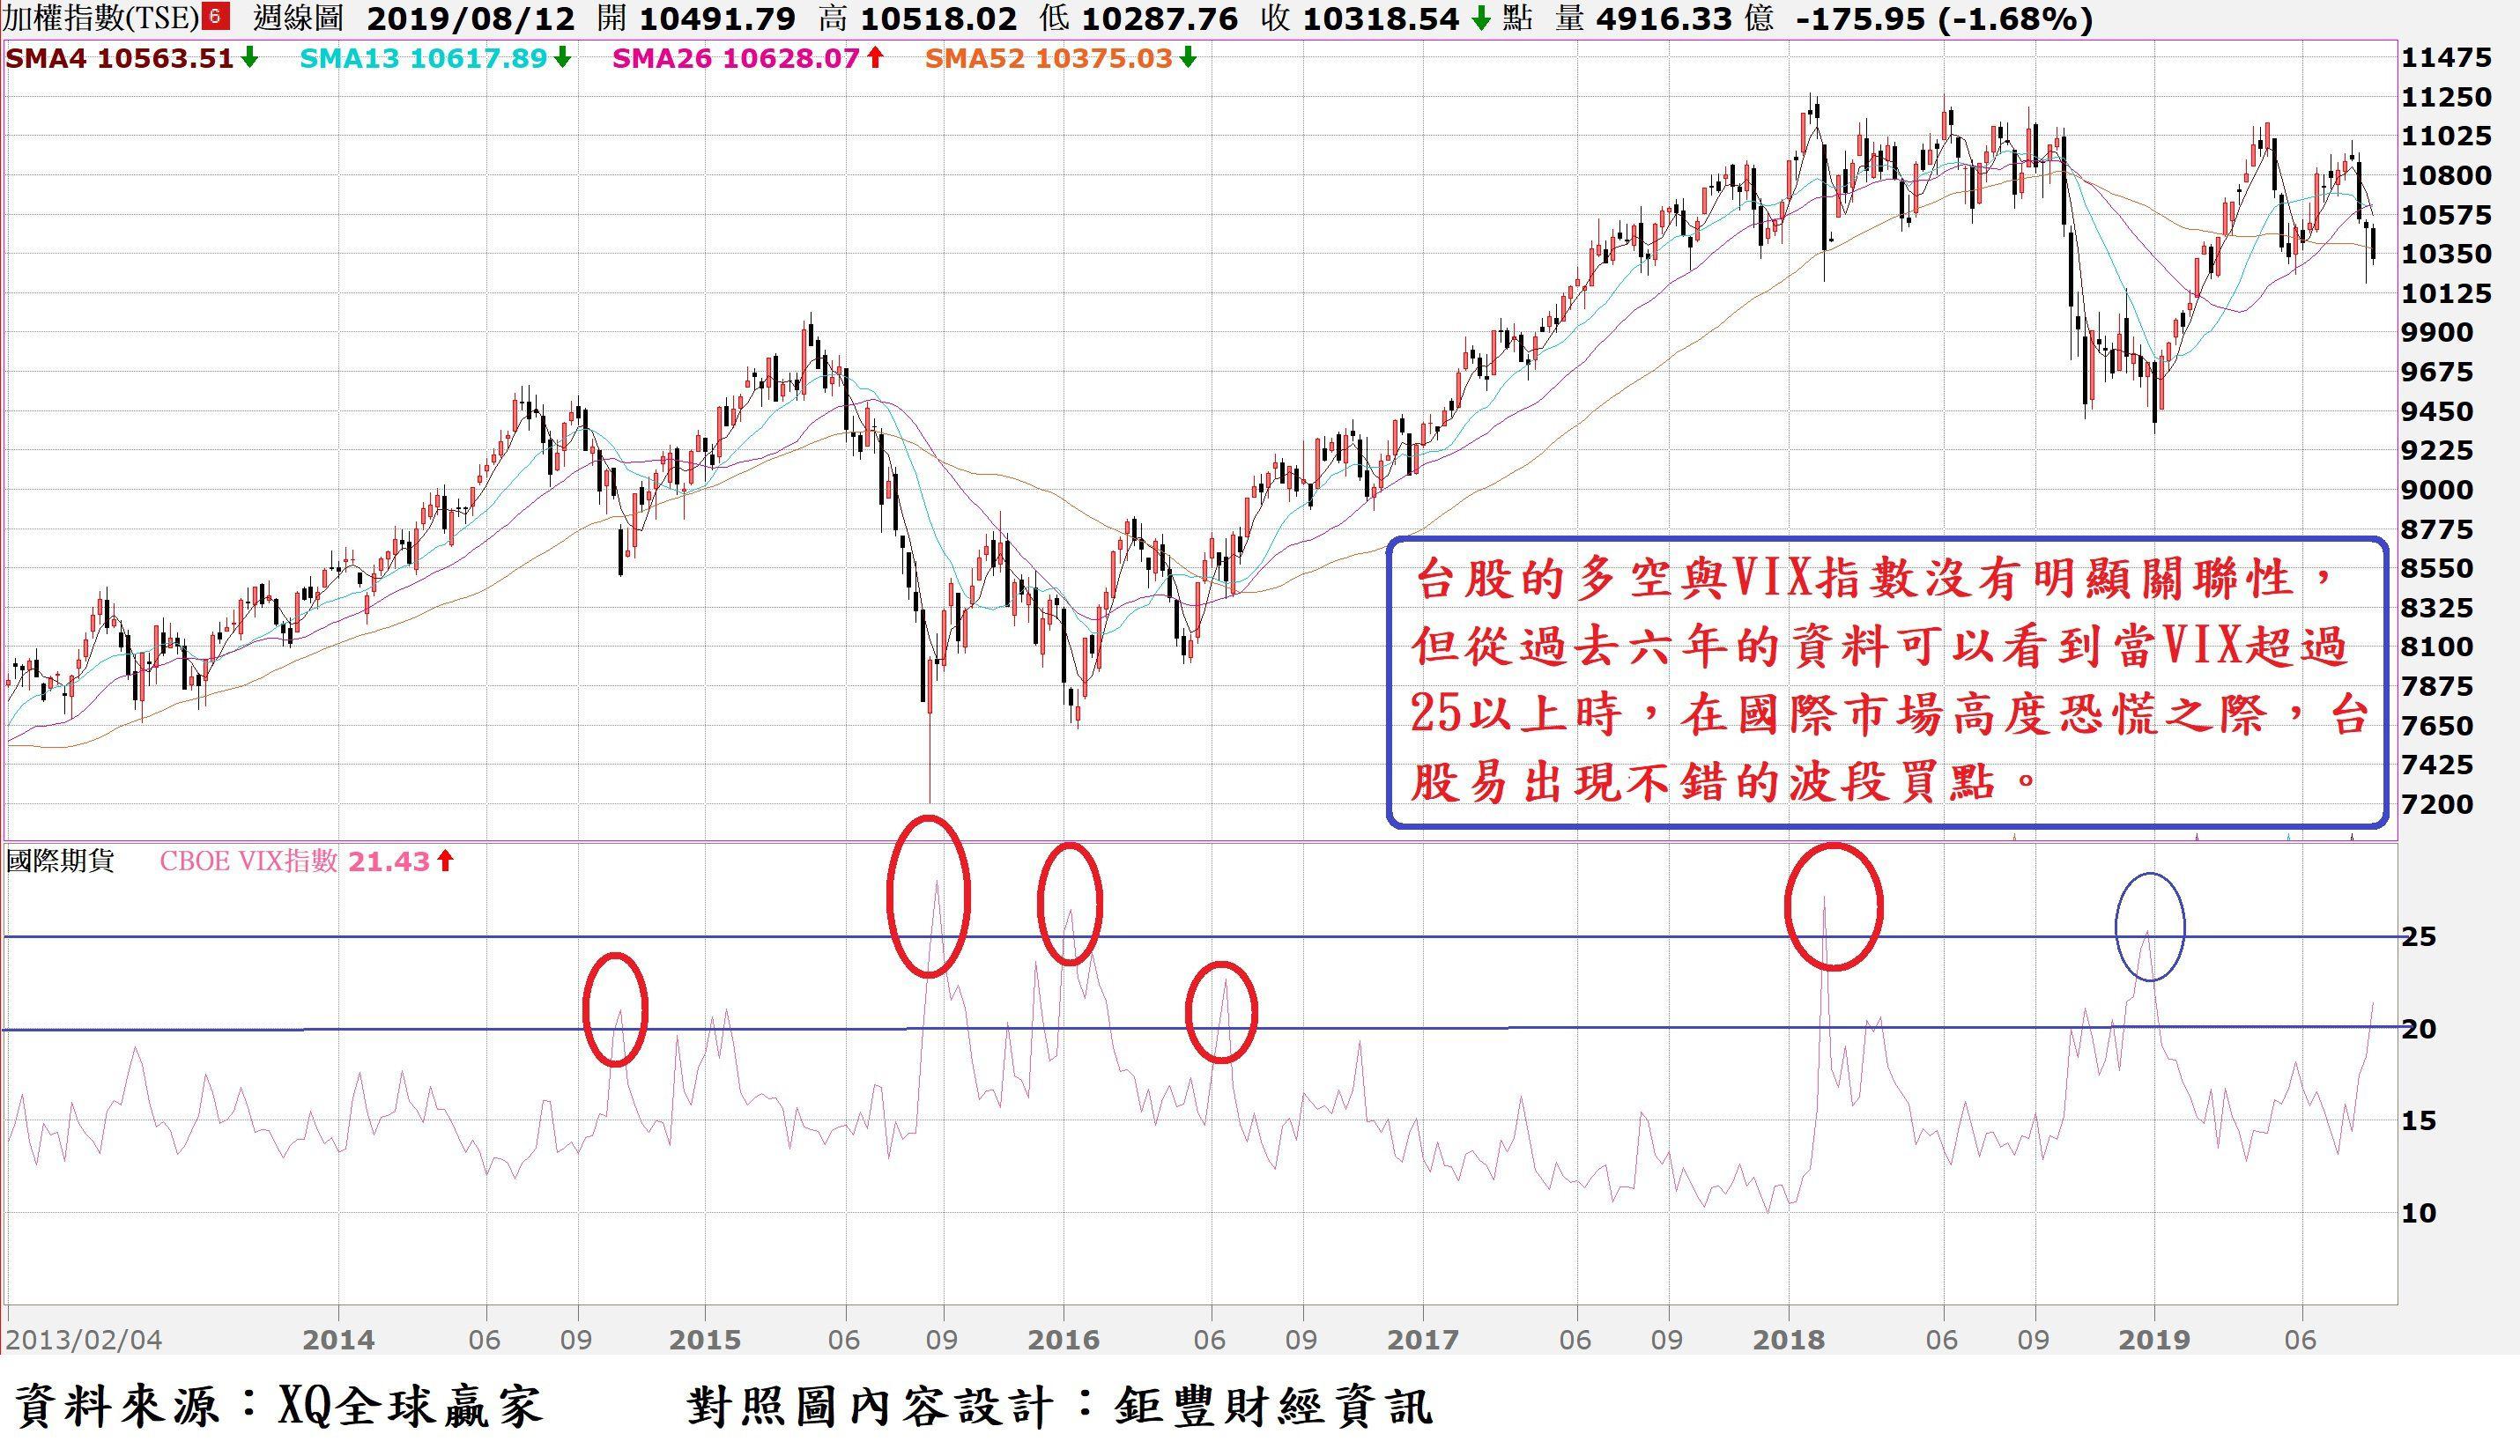 台股指數周K線與VIX對照圖